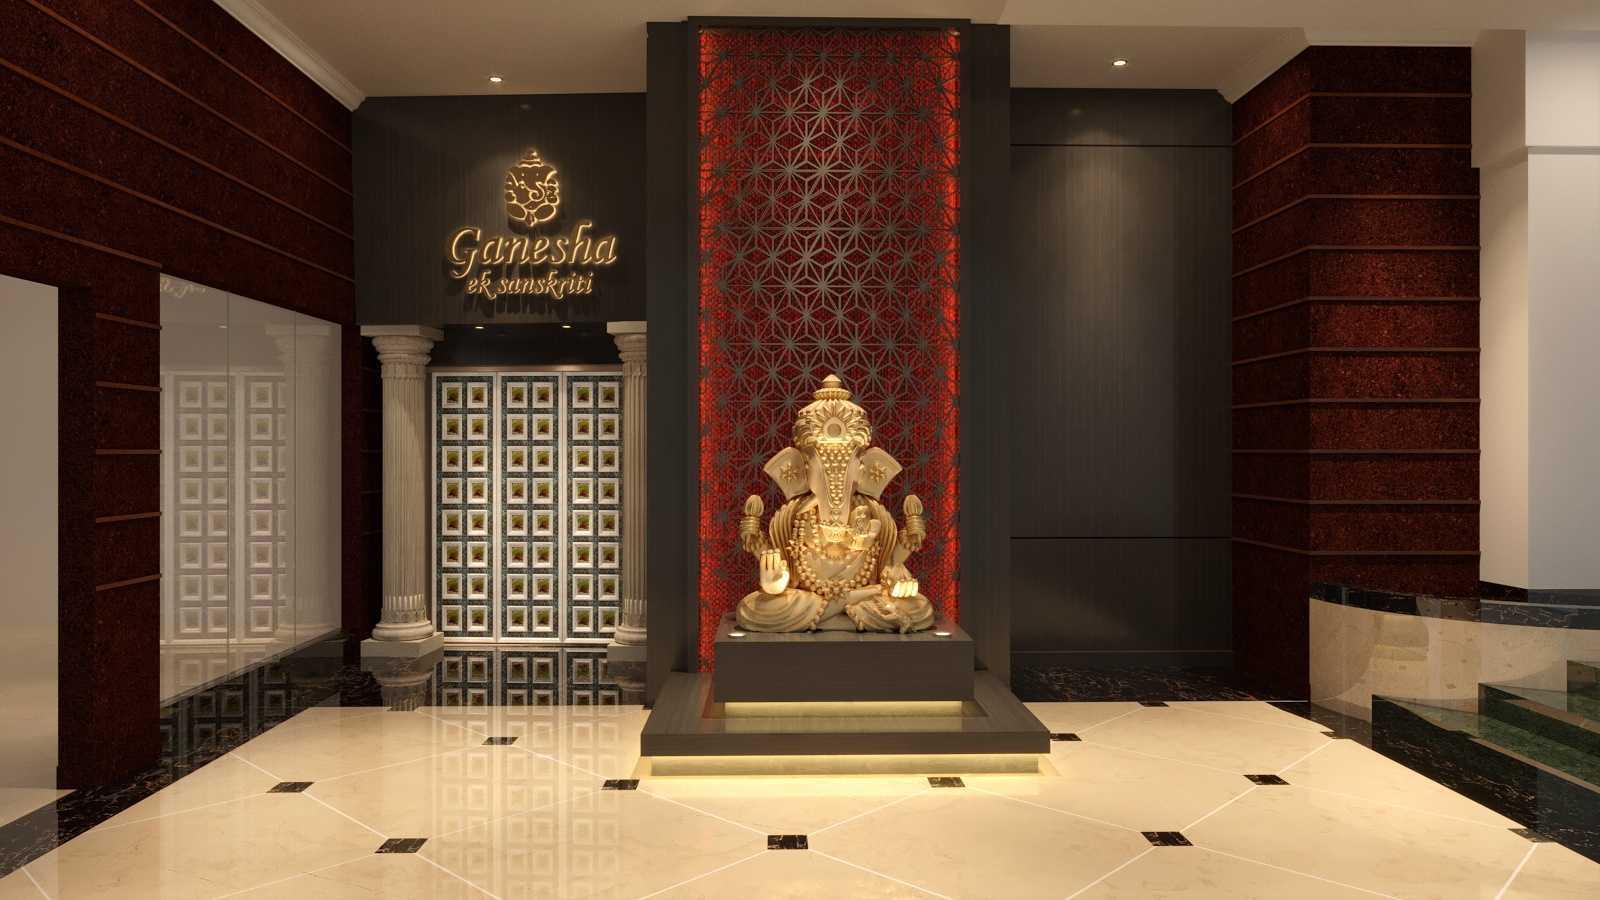 Highstreet Ganesha Ek Sanskriti Menara Bri Jakarta, Daerah Khusus Ibukota Jakarta, Indonesia Jakarta, Daerah Khusus Ibukota Jakarta, Indonesia Highstreetstudio-Ganesha-Ek-Sanskriti-Menara-Bri  74269